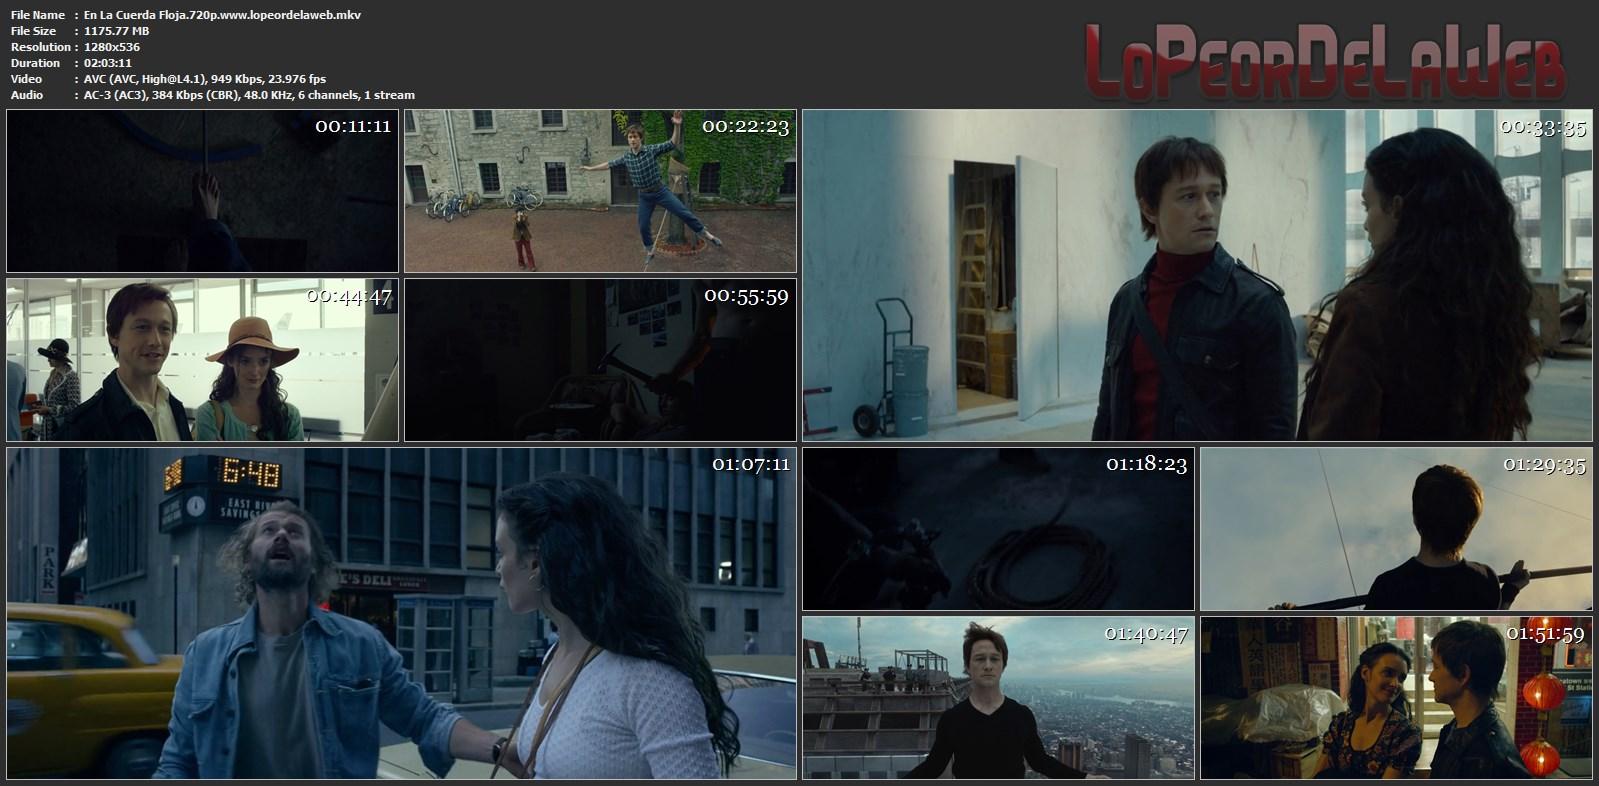 En La Cuerda Floja BRrip 720p Latino (2015) [Mega]